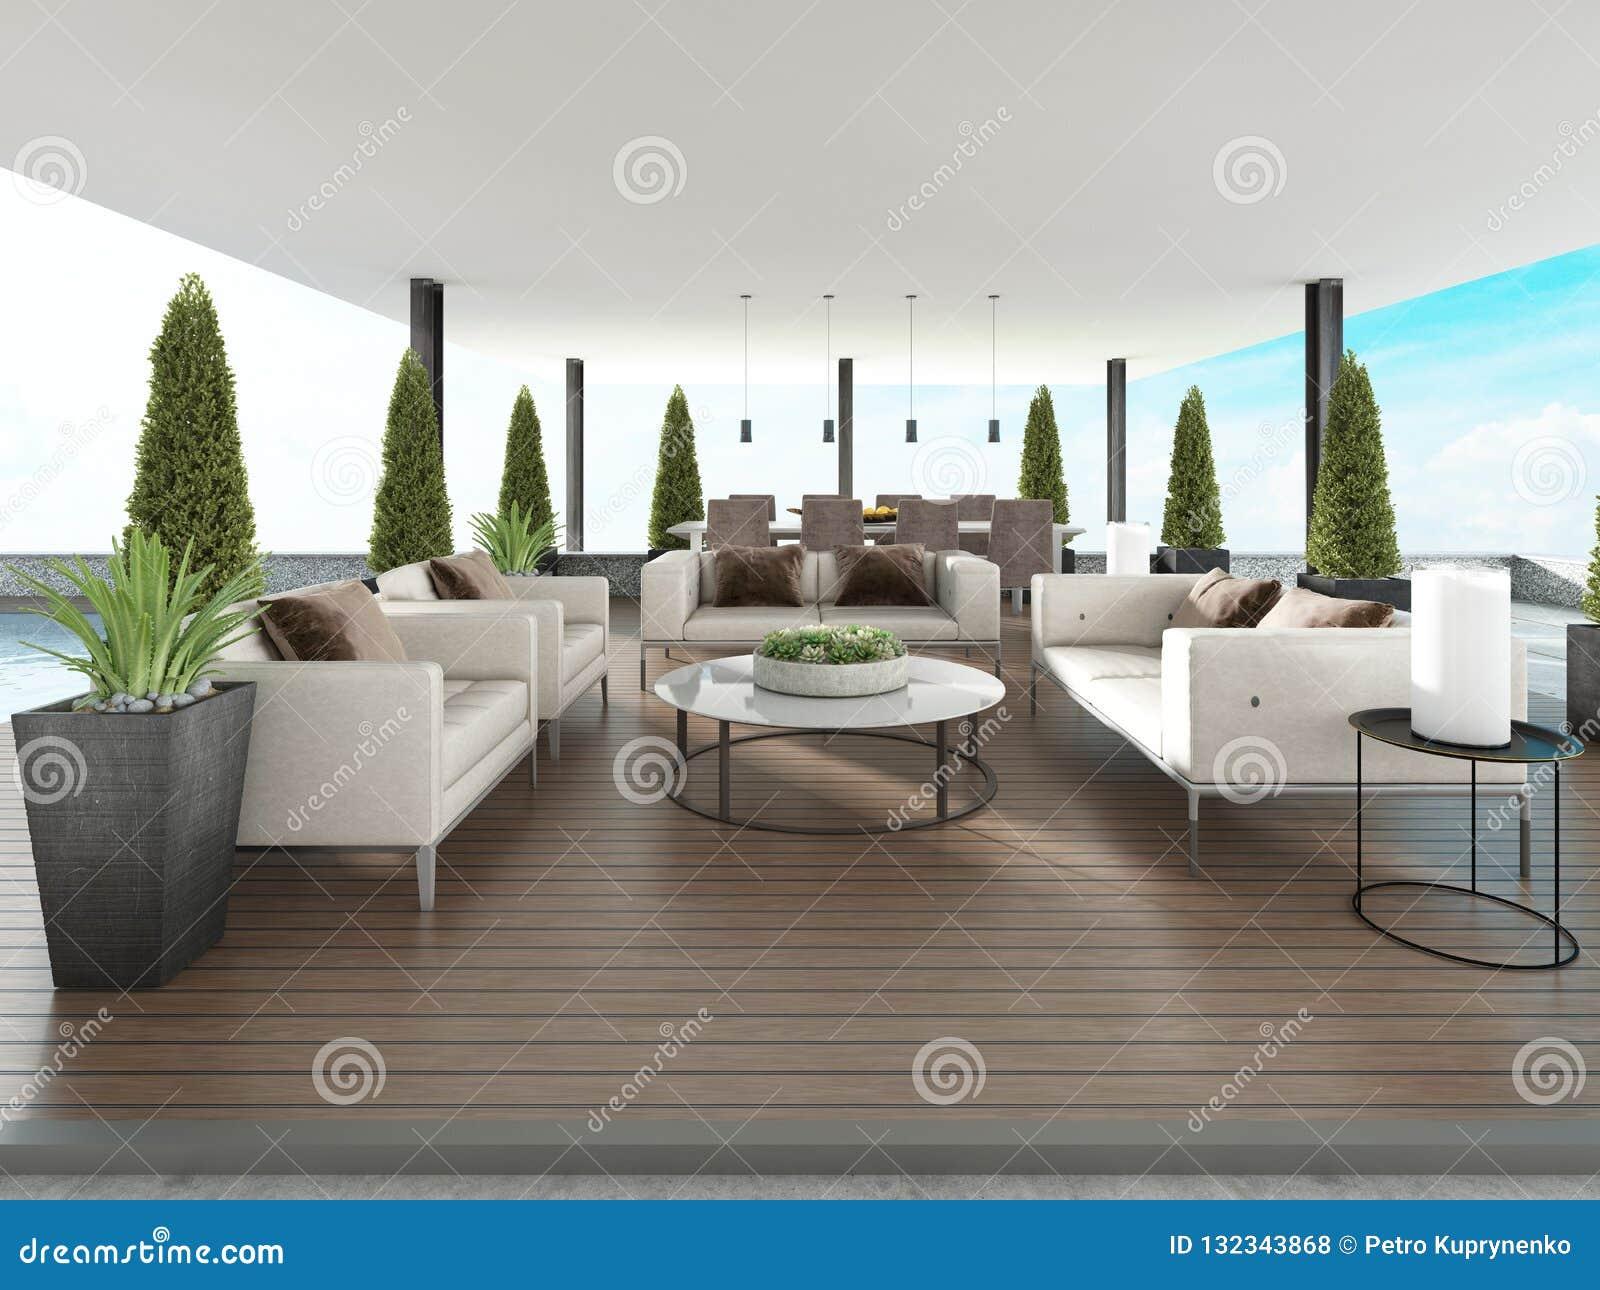 Terrasse Couverte Avec Les Meubles Et Les Pots De Fleurs ...